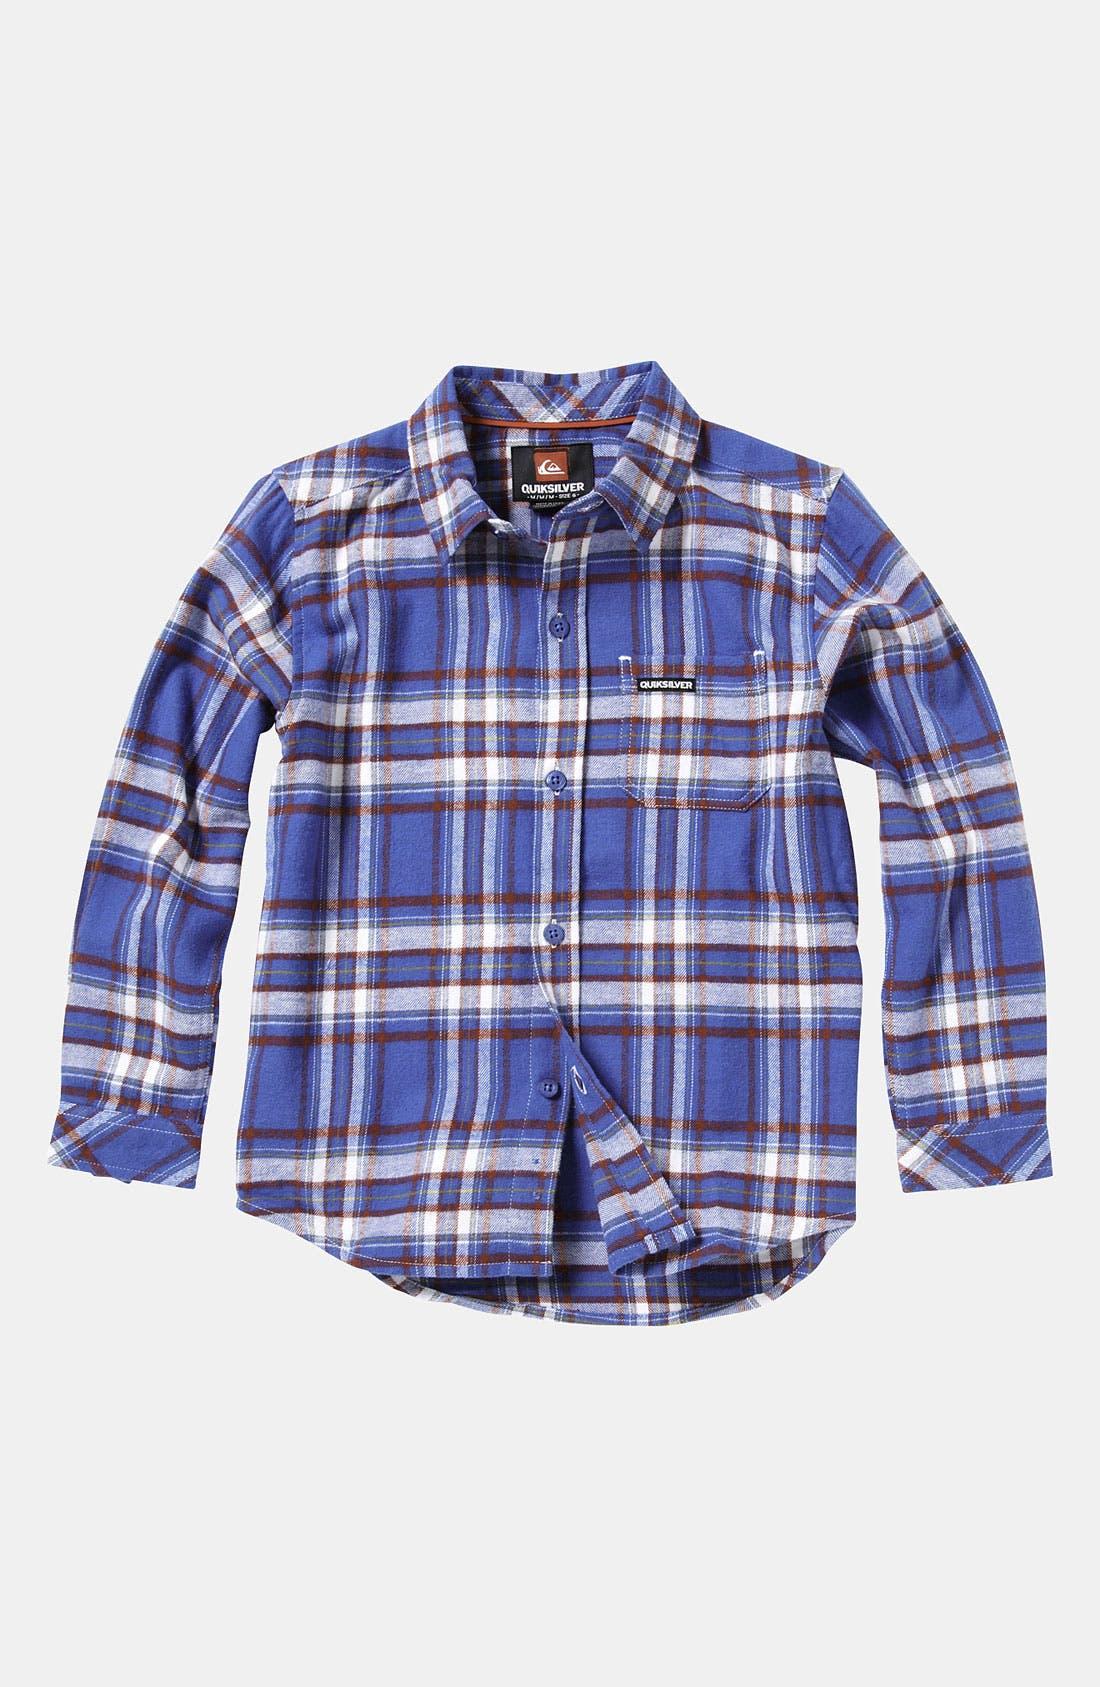 Main Image - Quiksilver 'Bunga Bunga' Woven Shirt (Little Boys)